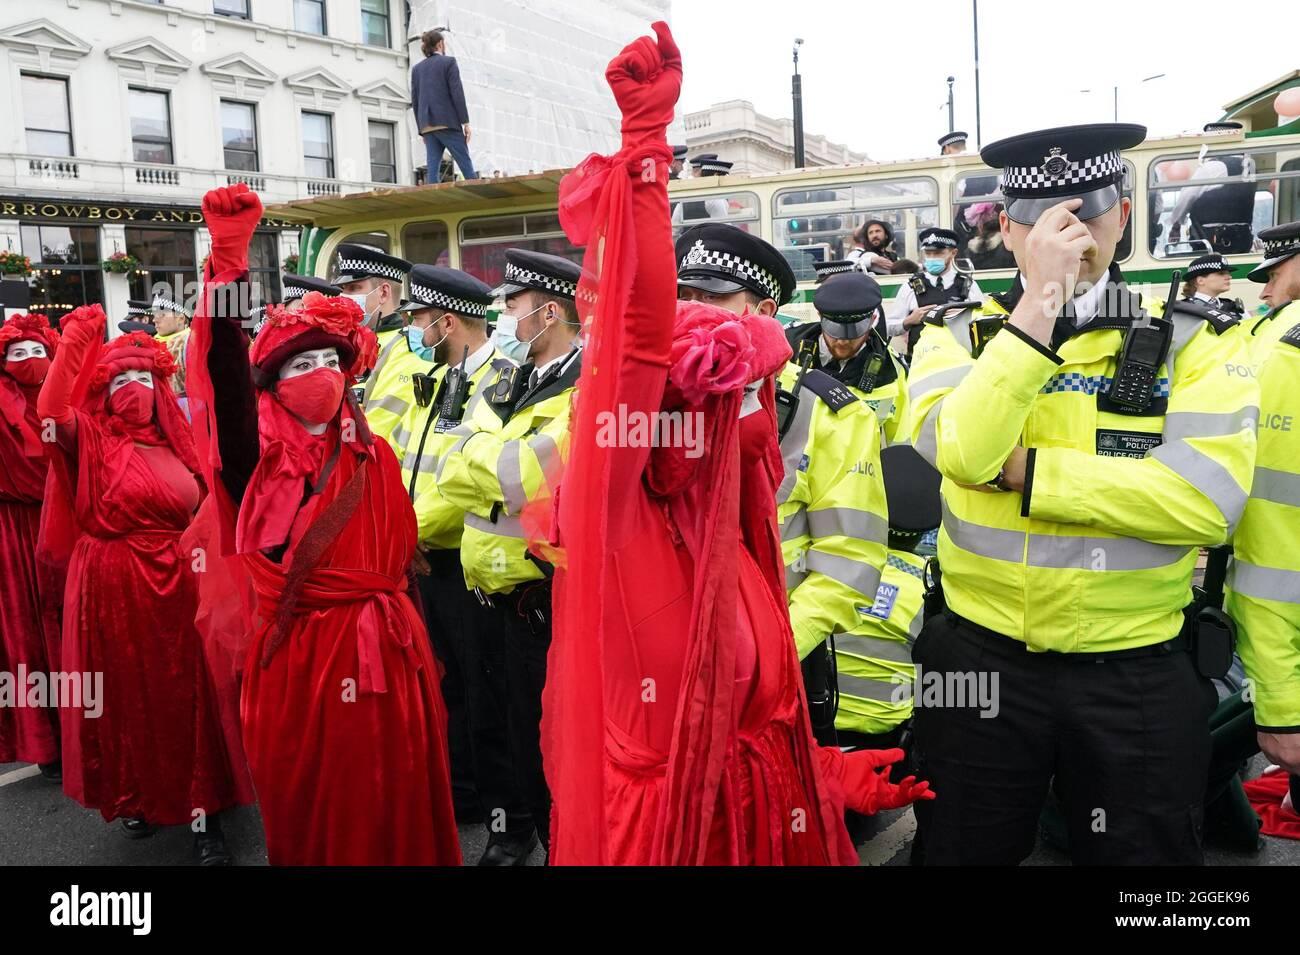 Polizei und Demonstranten mit einem Bus, der auf der London Bridge im Zentrum von London während eines Protestes von Mitgliedern der Extinction Rebellion geparkt wurde. Bilddatum: Dienstag, 31. August 2021. Stockfoto